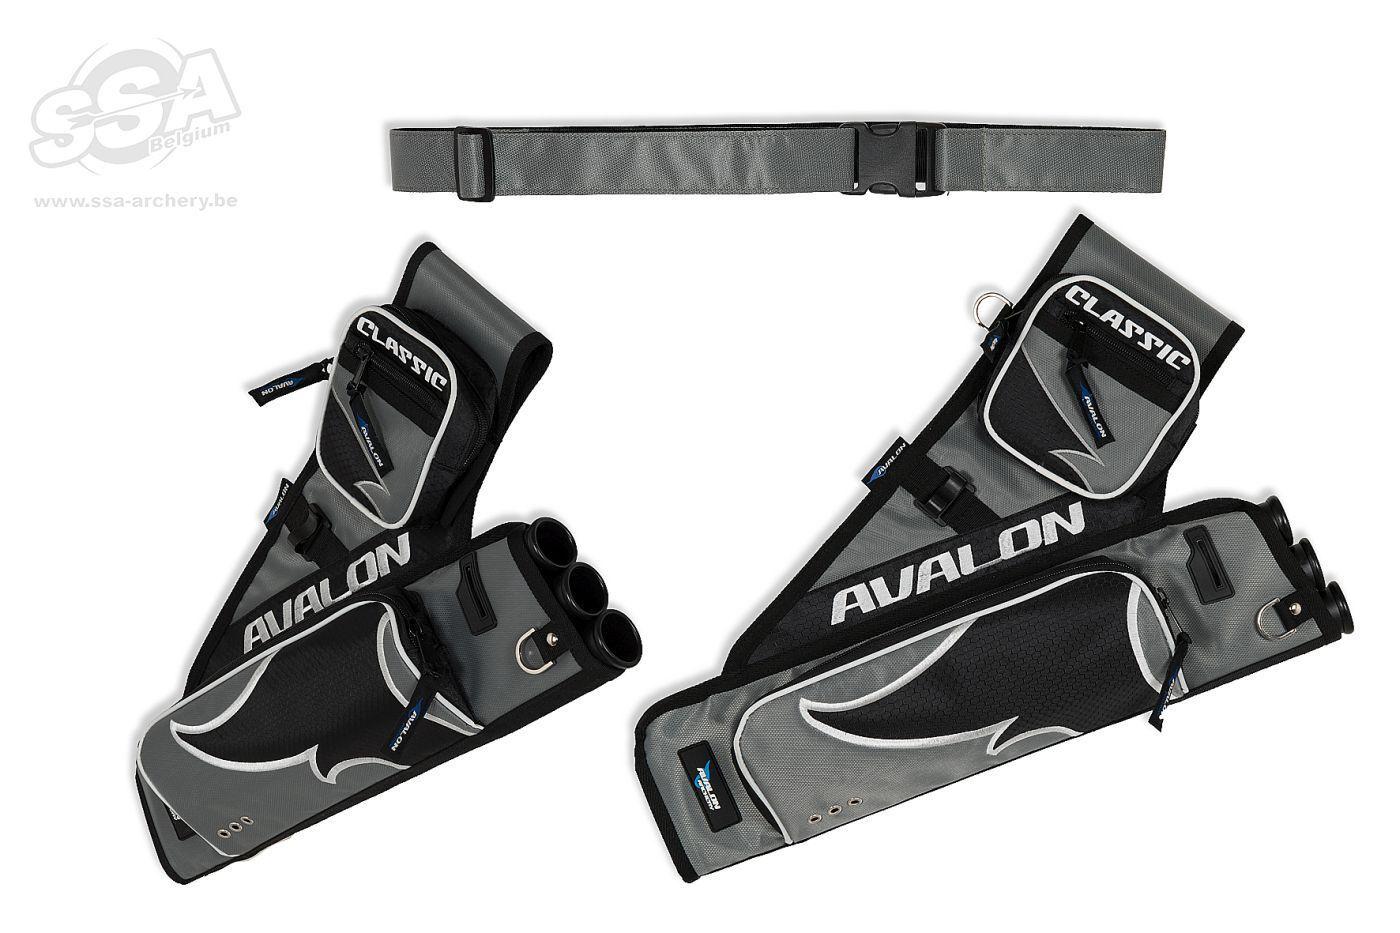 Avalon Classic étui/RH arc recurve recurve recurve en couleurs nouveau modèle ea259f